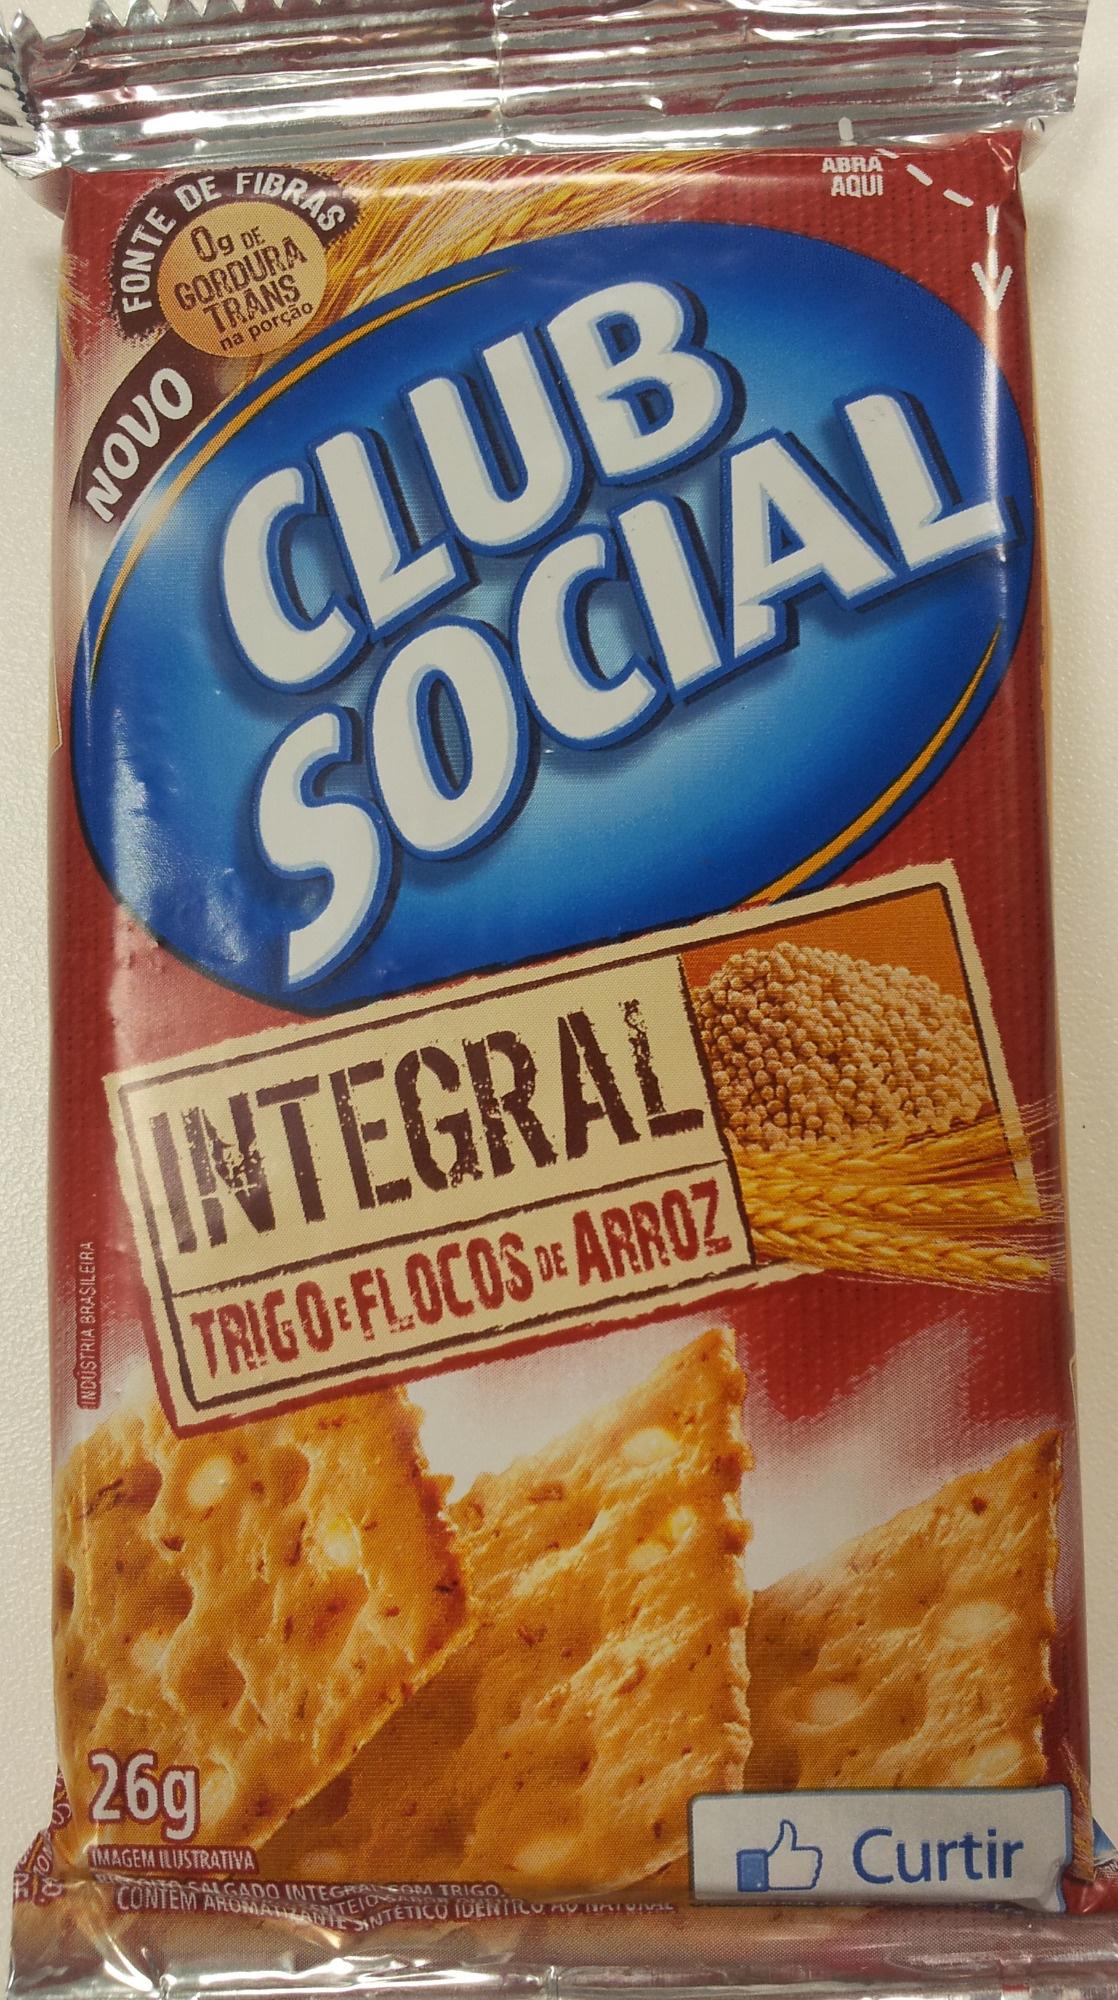 Clube Social Integral - Trigo e Flocos de Arroz - Product - pt